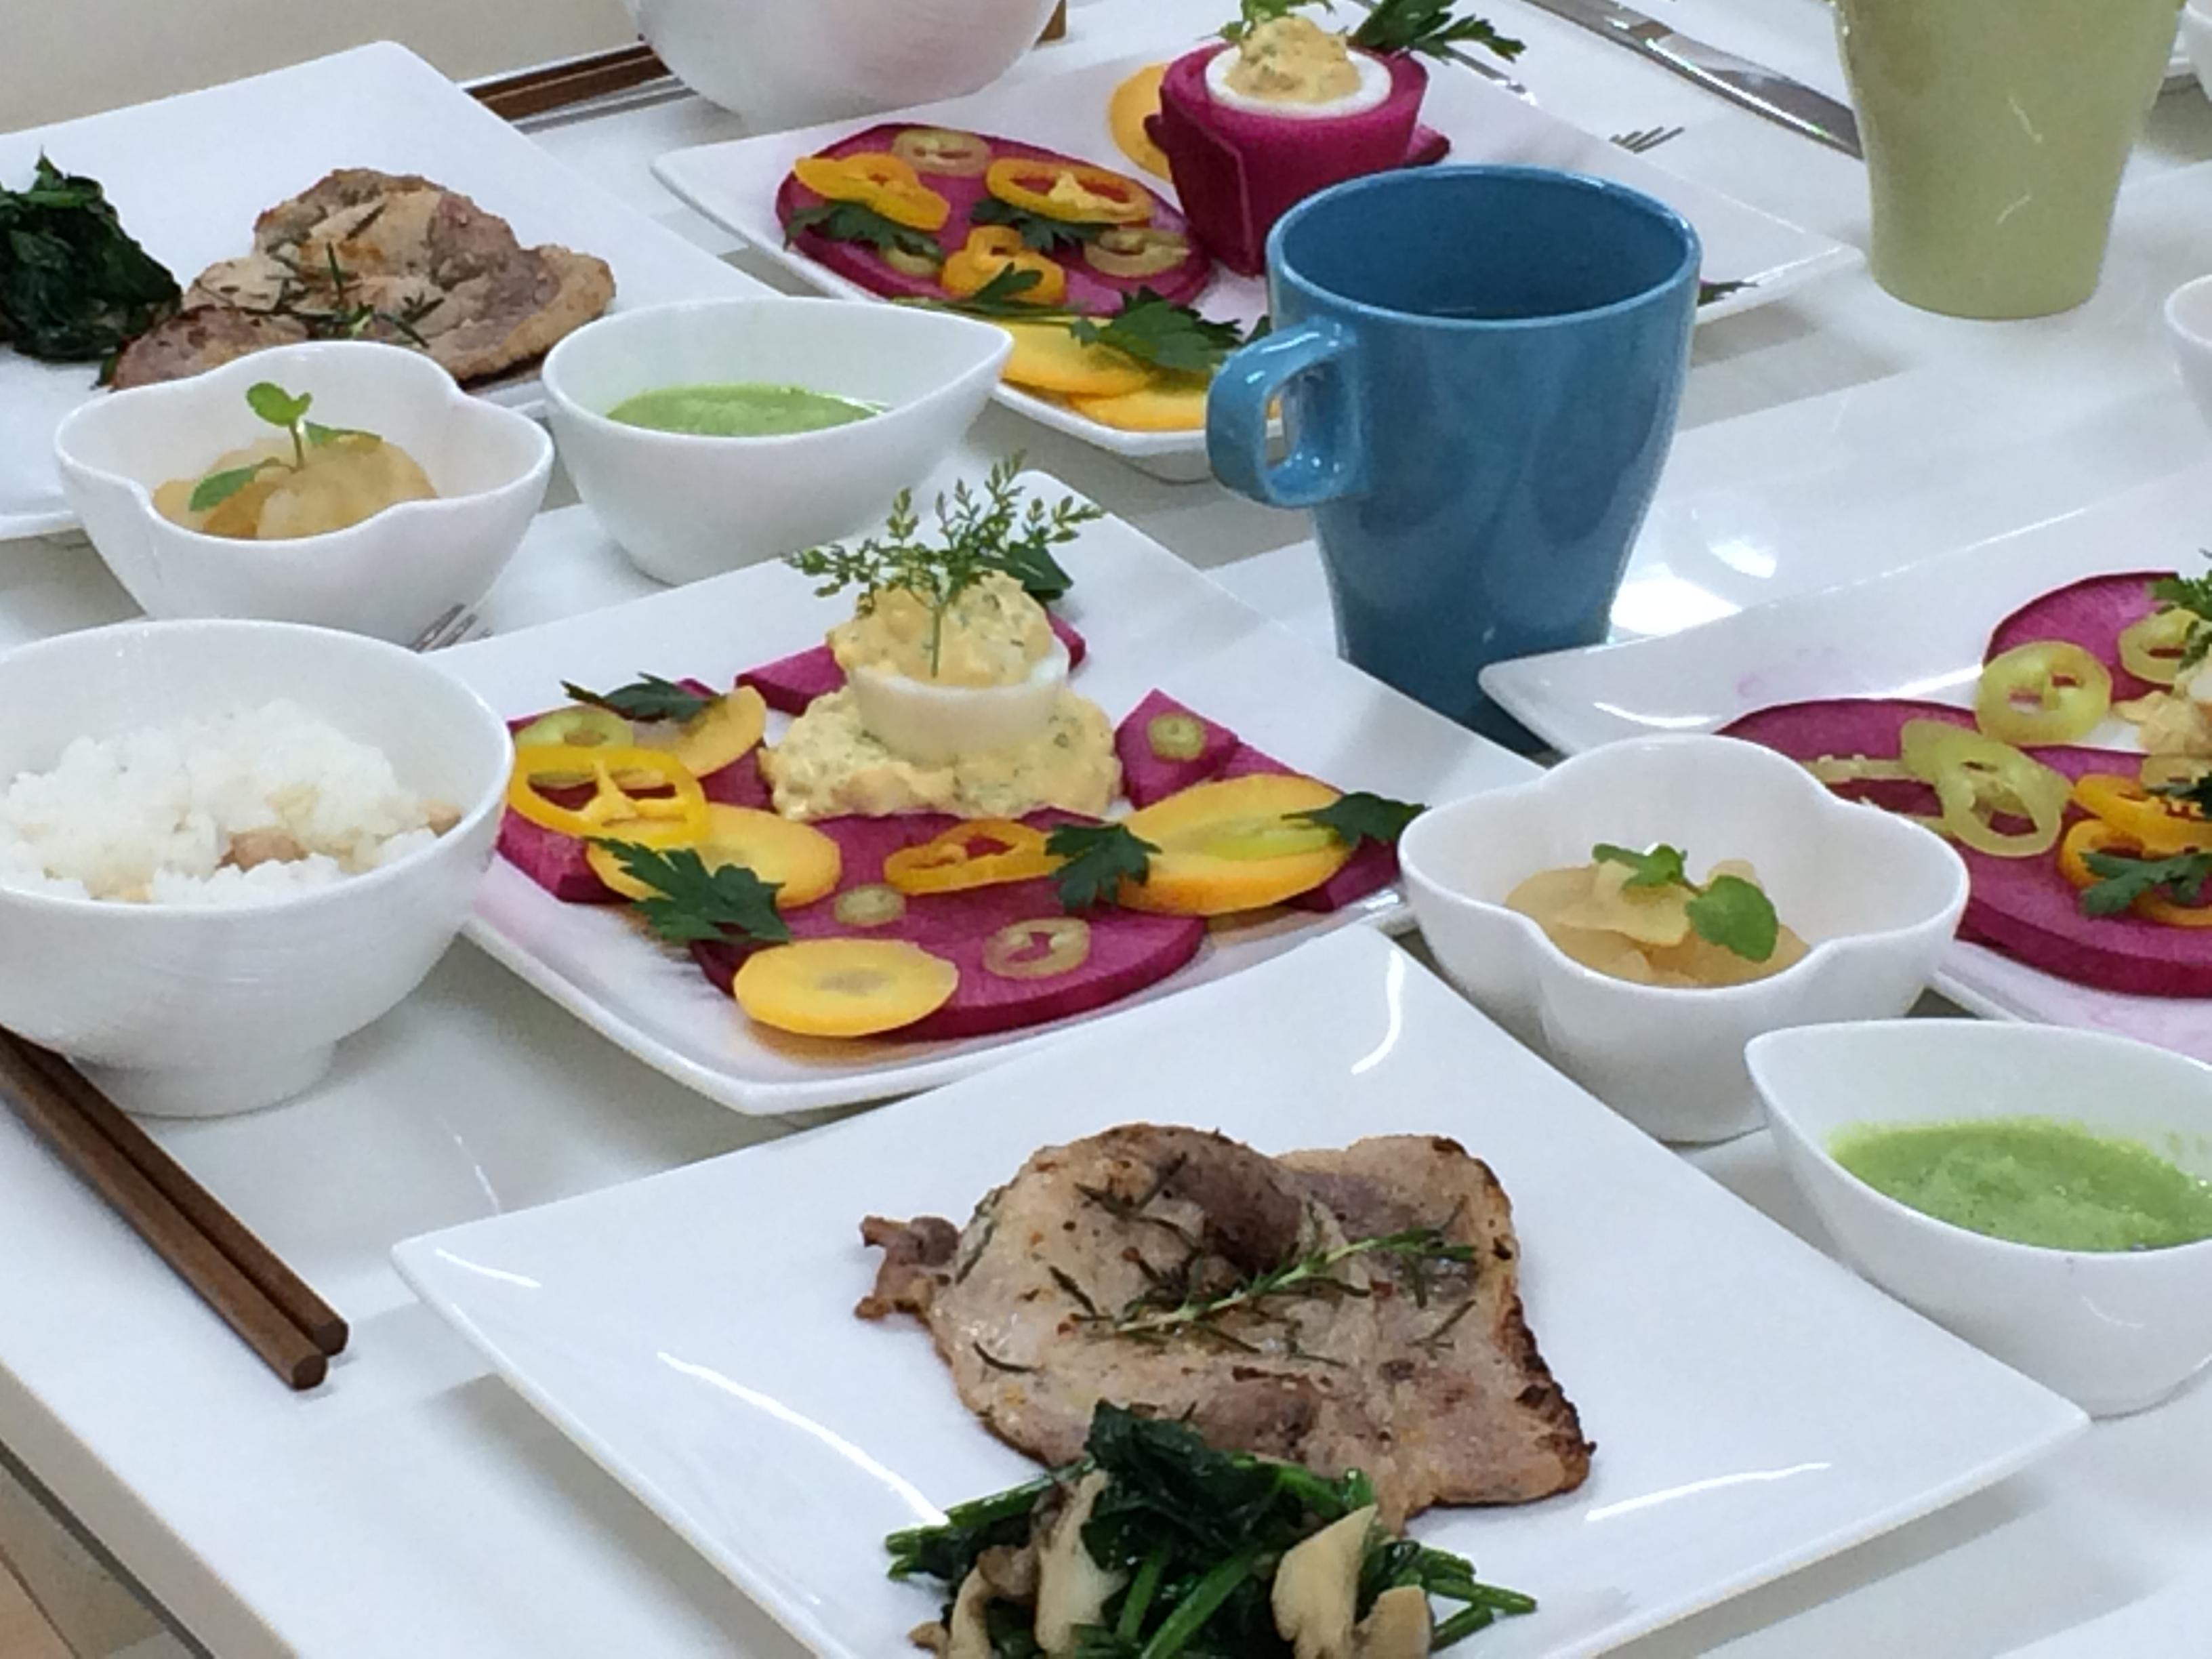 ハーブ・野菜・果物を楽しむ講座 2014年10月